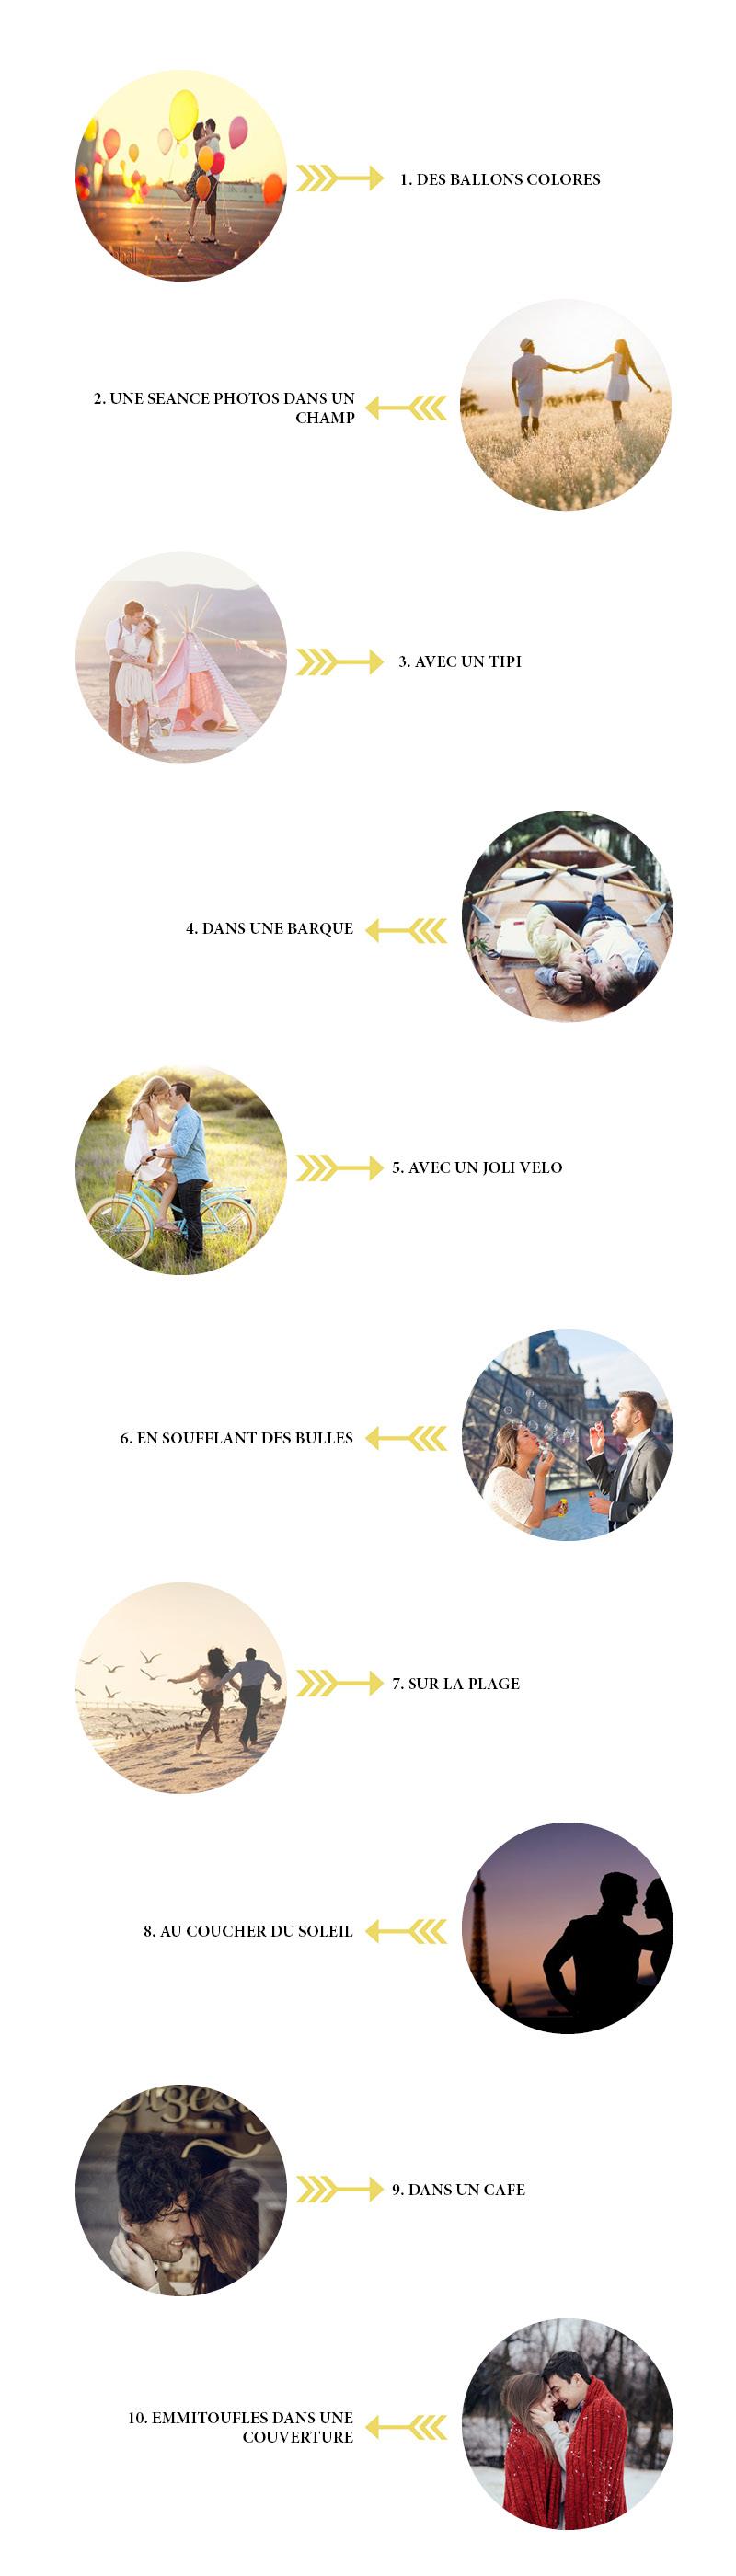 10 inspirations Pinterest pour une seance photo romantique | Bulles de Joie Photographie, photographe de gens joyeux